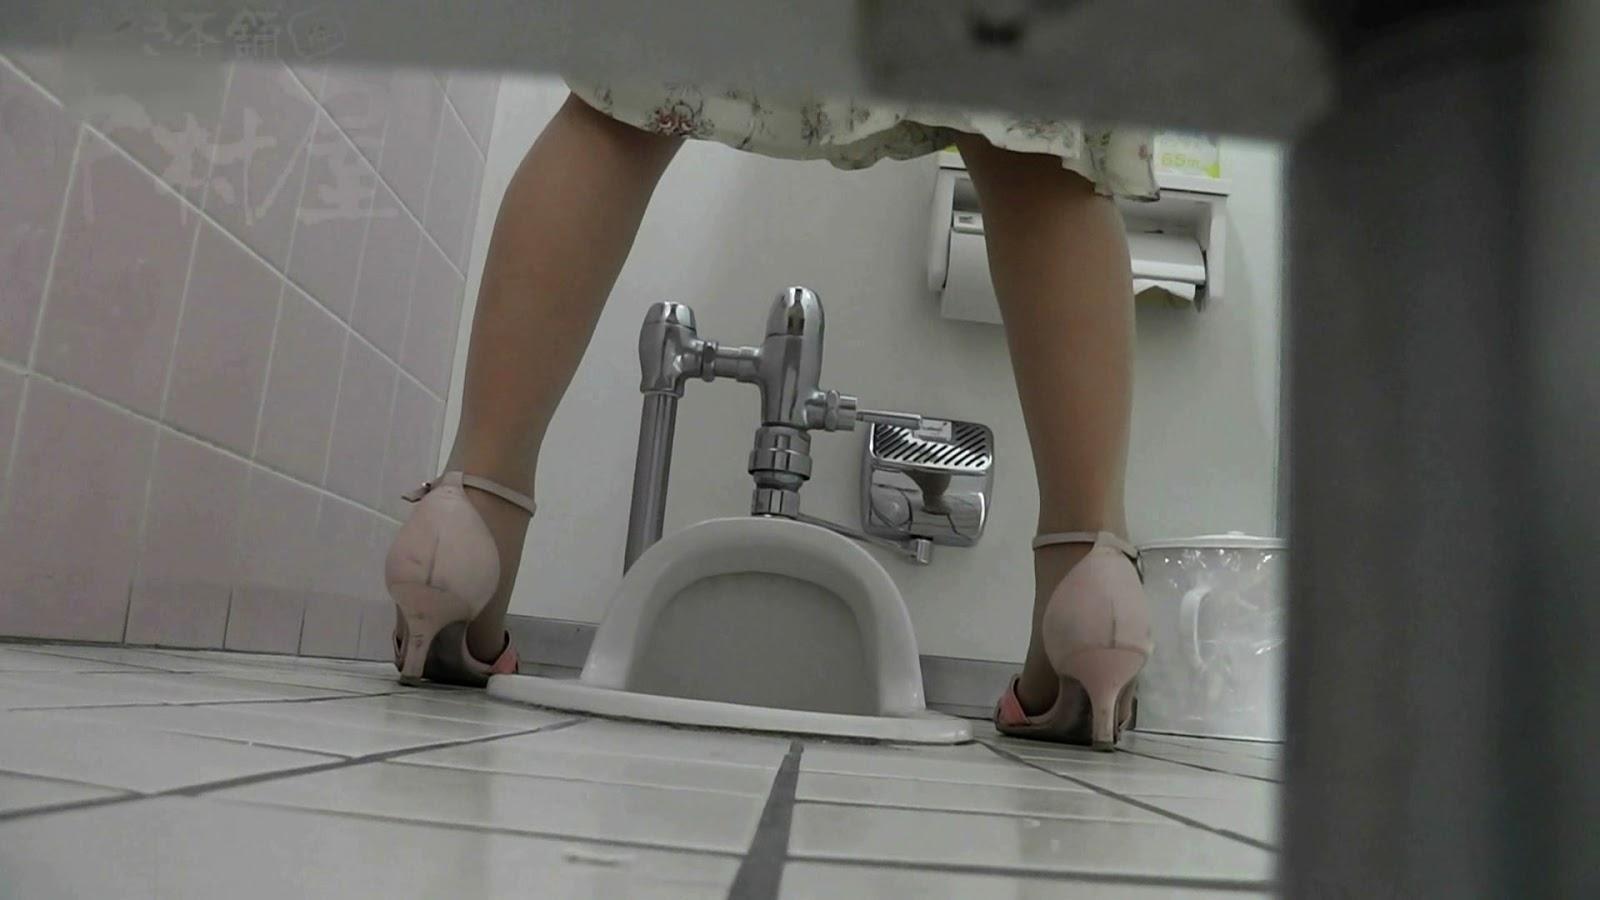 pisayut-i-drochat-kamera-v-tualete-porno-litri-v-anape